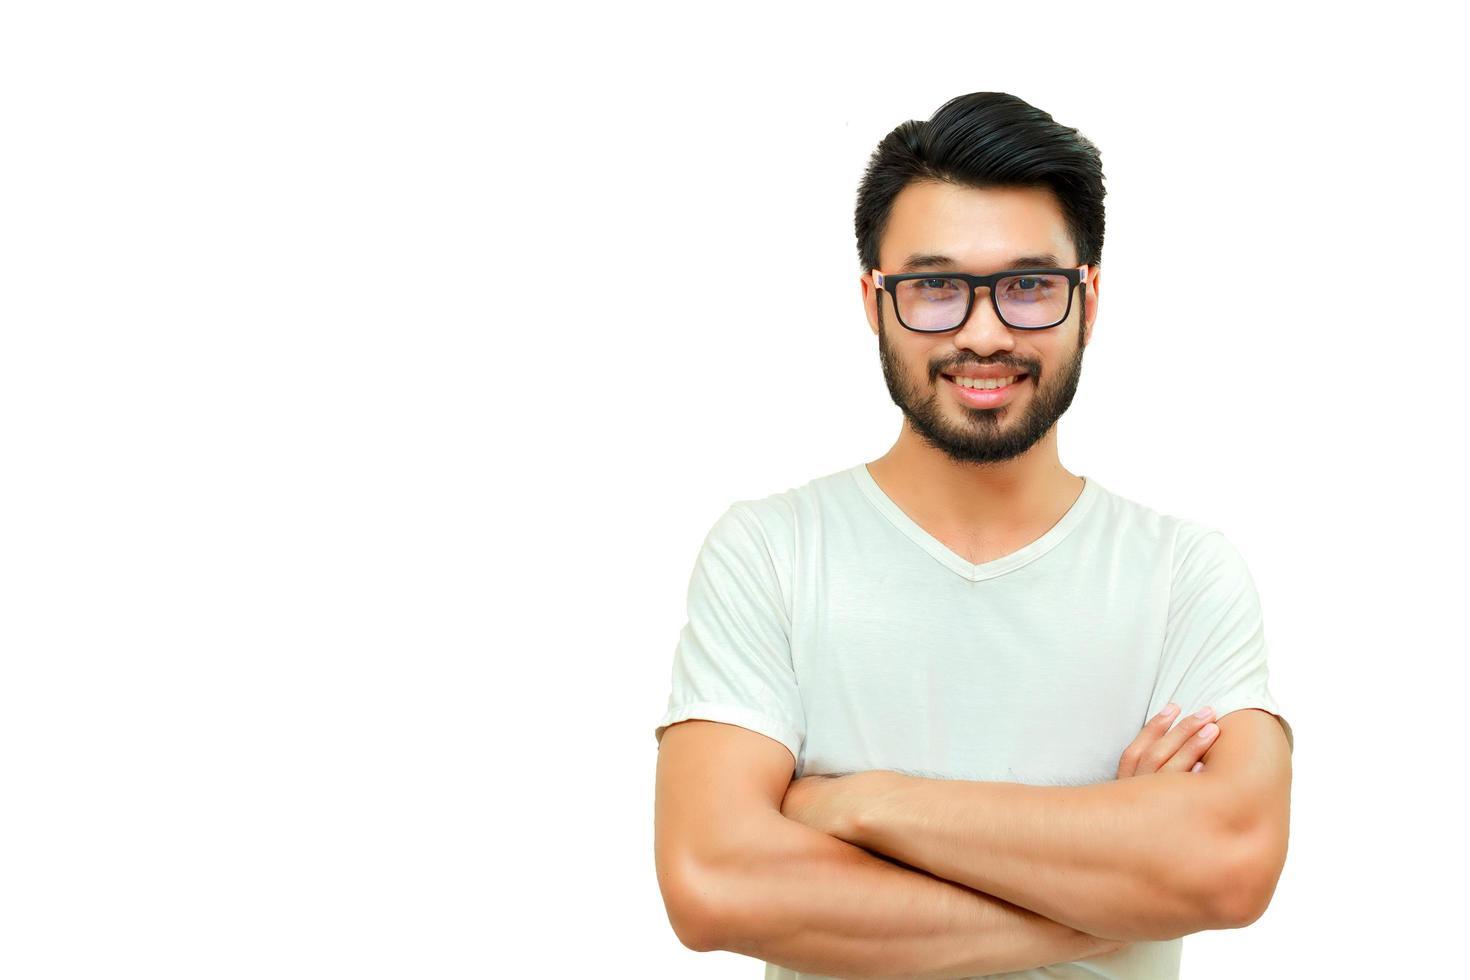 uomo asiatico sorridente isolato su sfondo bianco foto